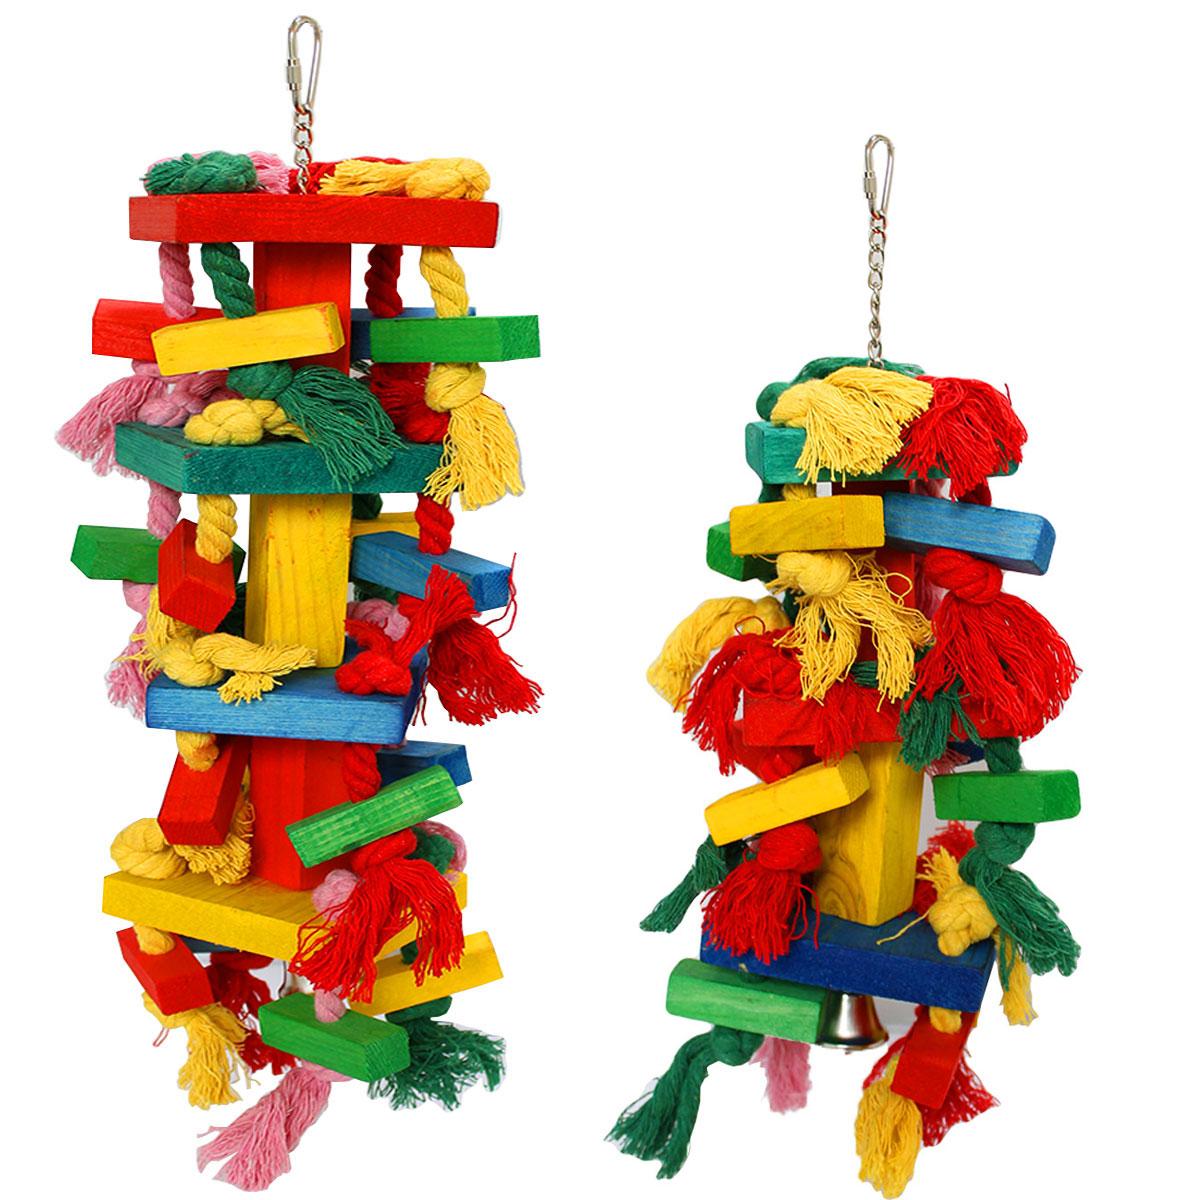 インコ おもちゃ 吊り下げ とまり木 鈴 かわいい 鳥 オウム 噛む ロープ 小鳥 木製 ストレス解消 アスレチック 玩具 セキセイ ゲージ 飾り